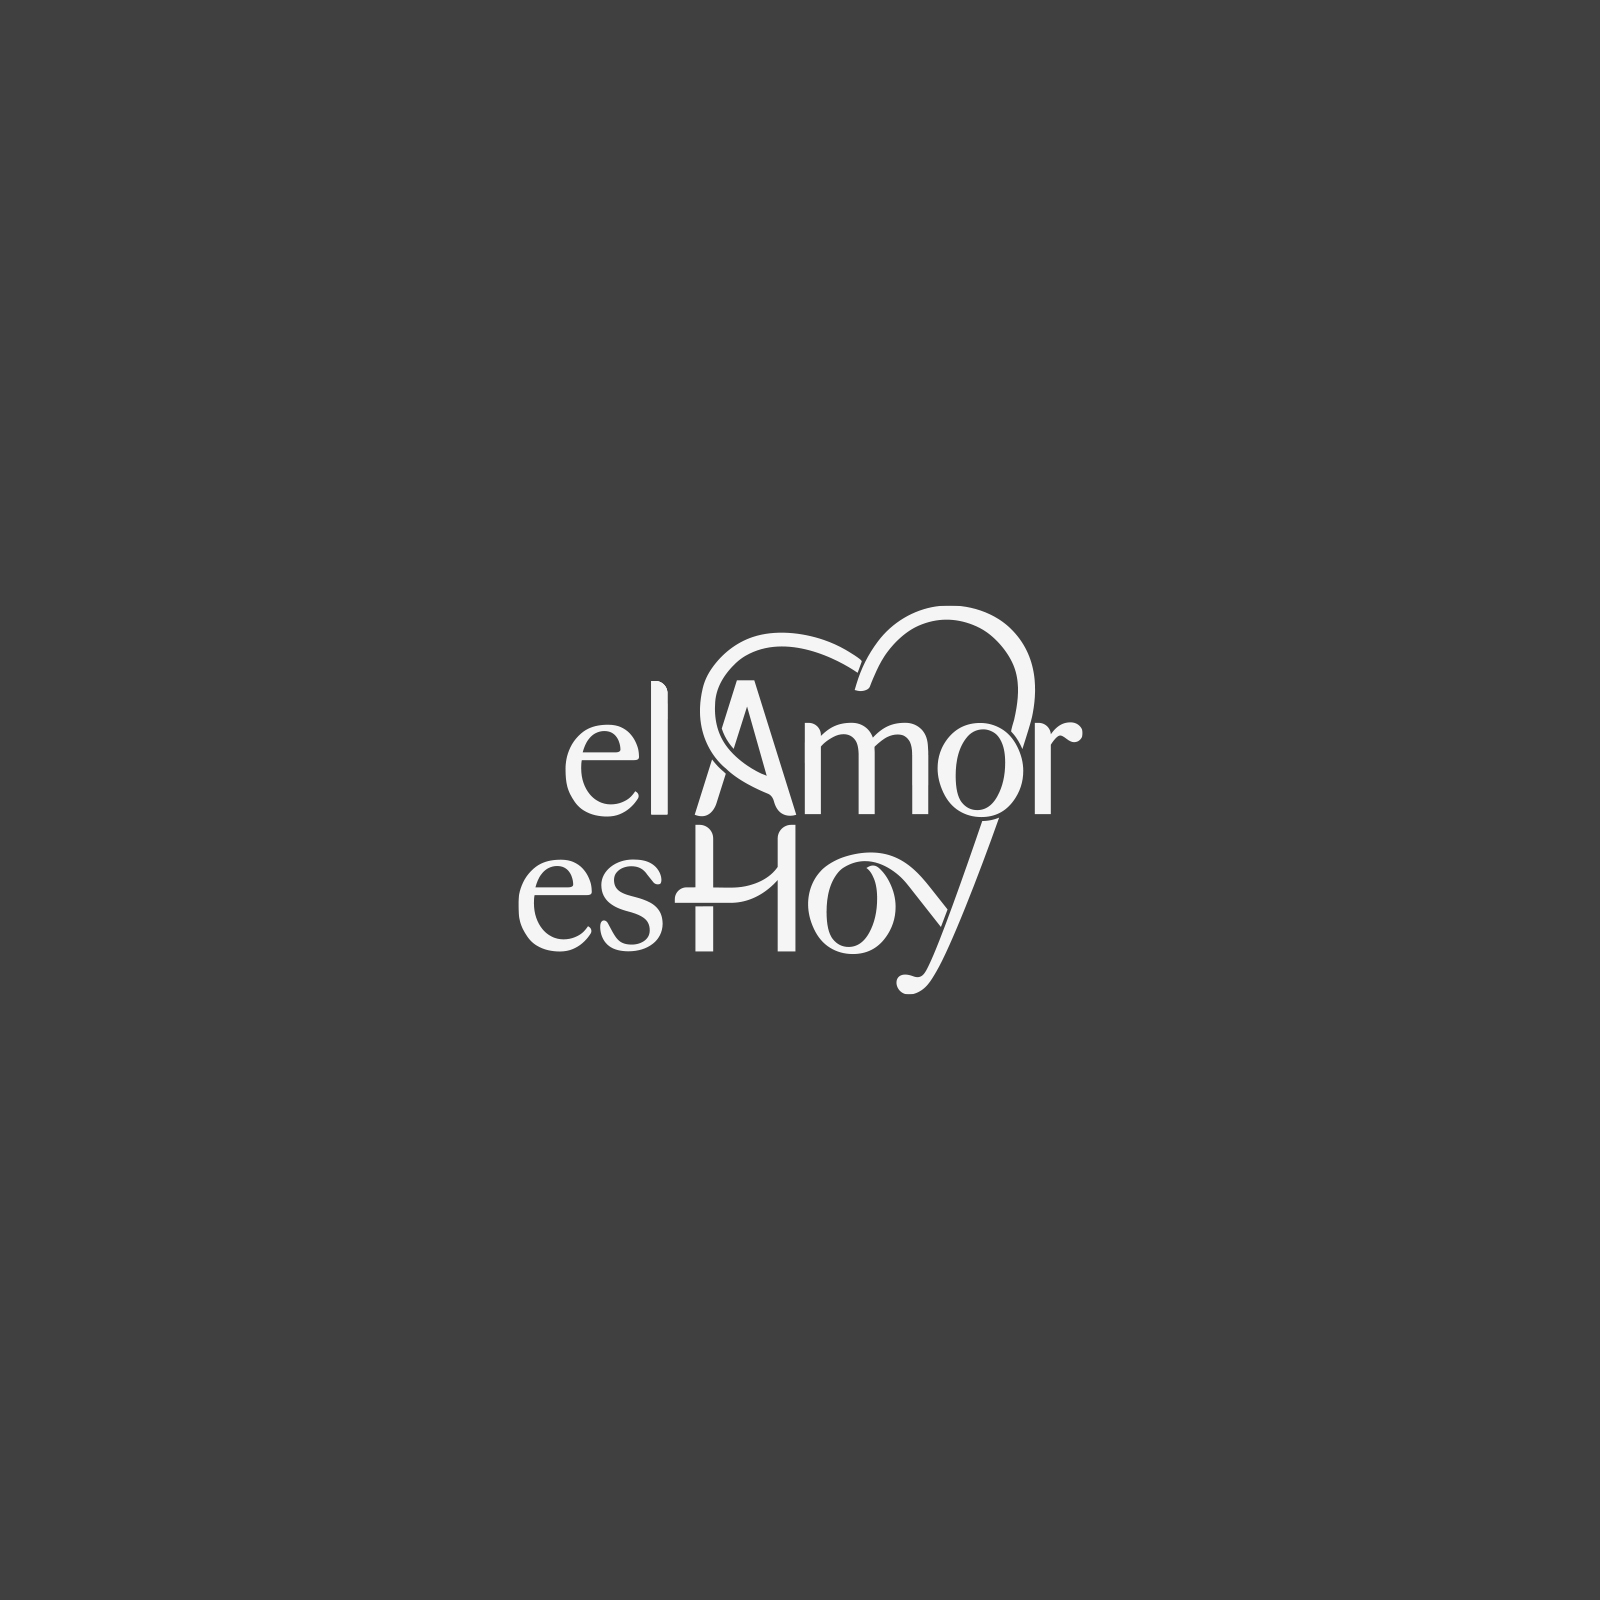 elamoreshoyimg